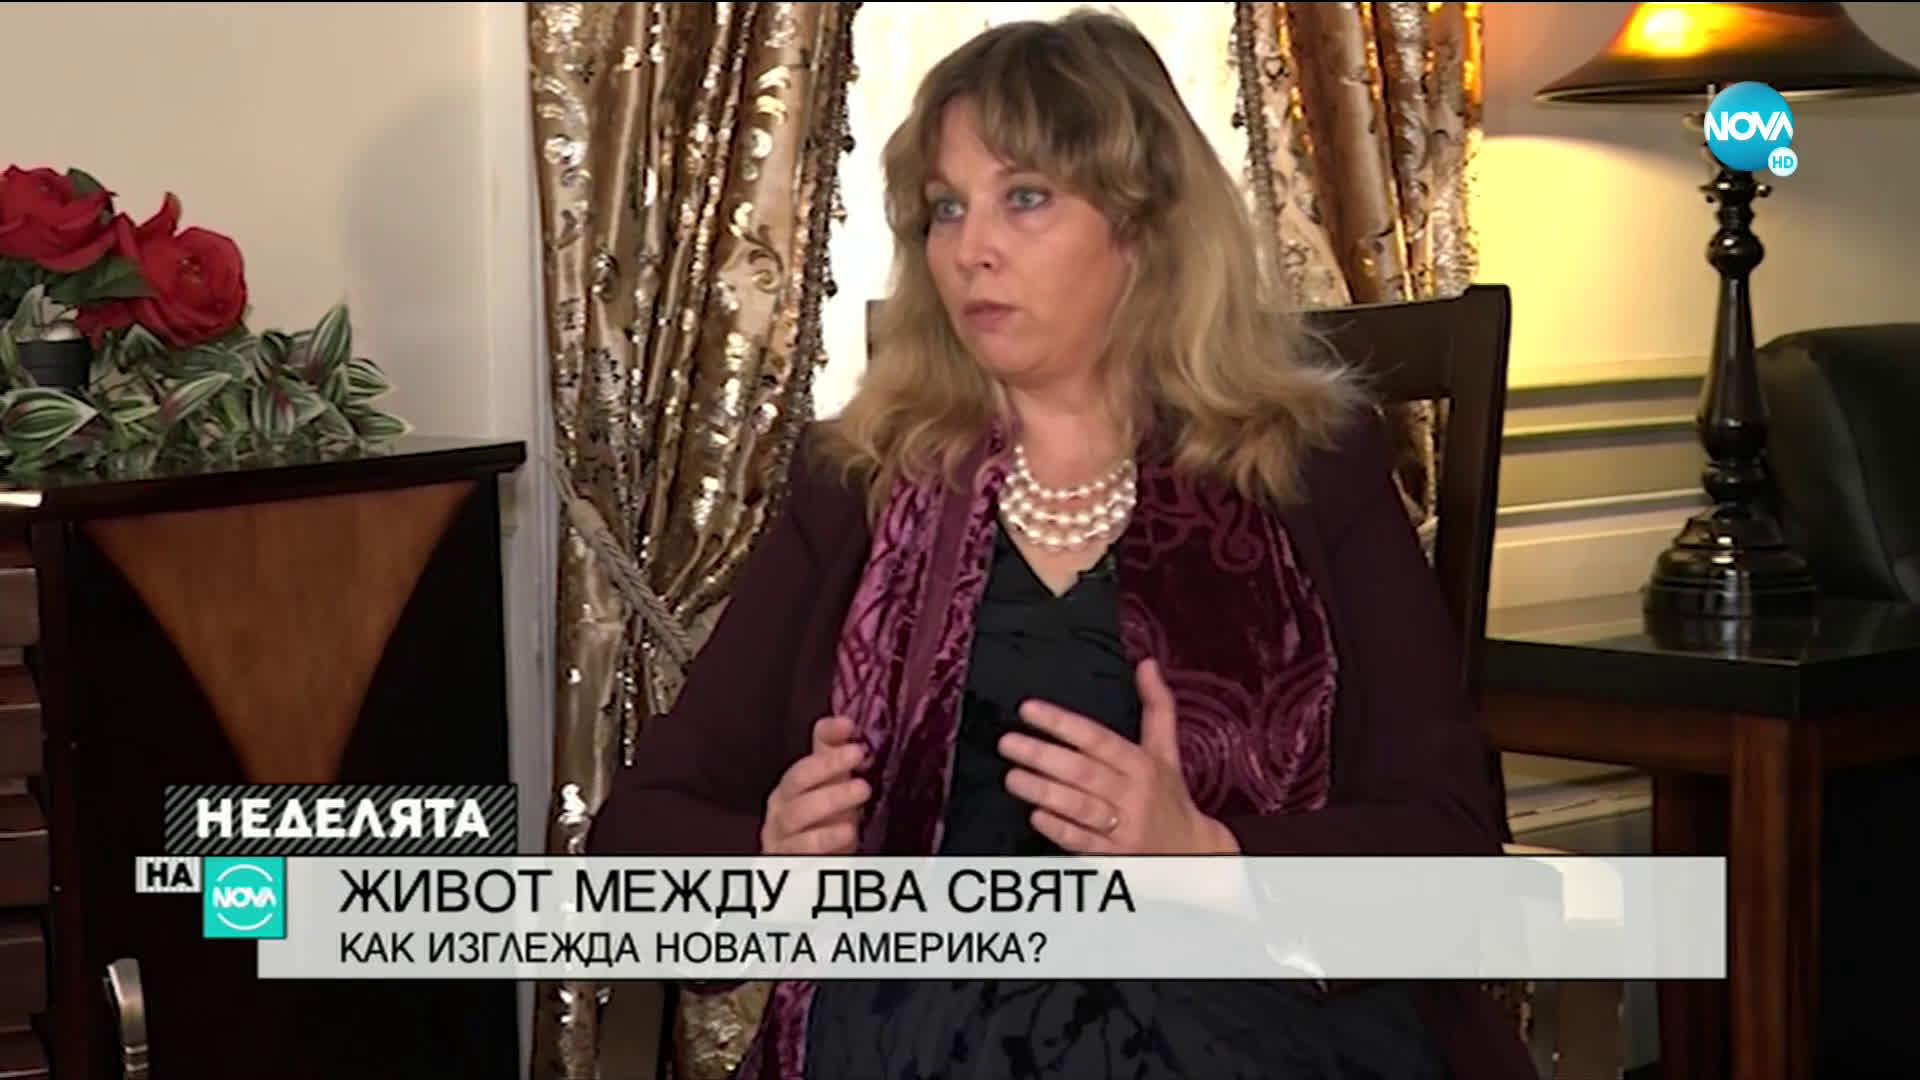 За живота между два свята - д-р Нора Димитрова - Клинтън